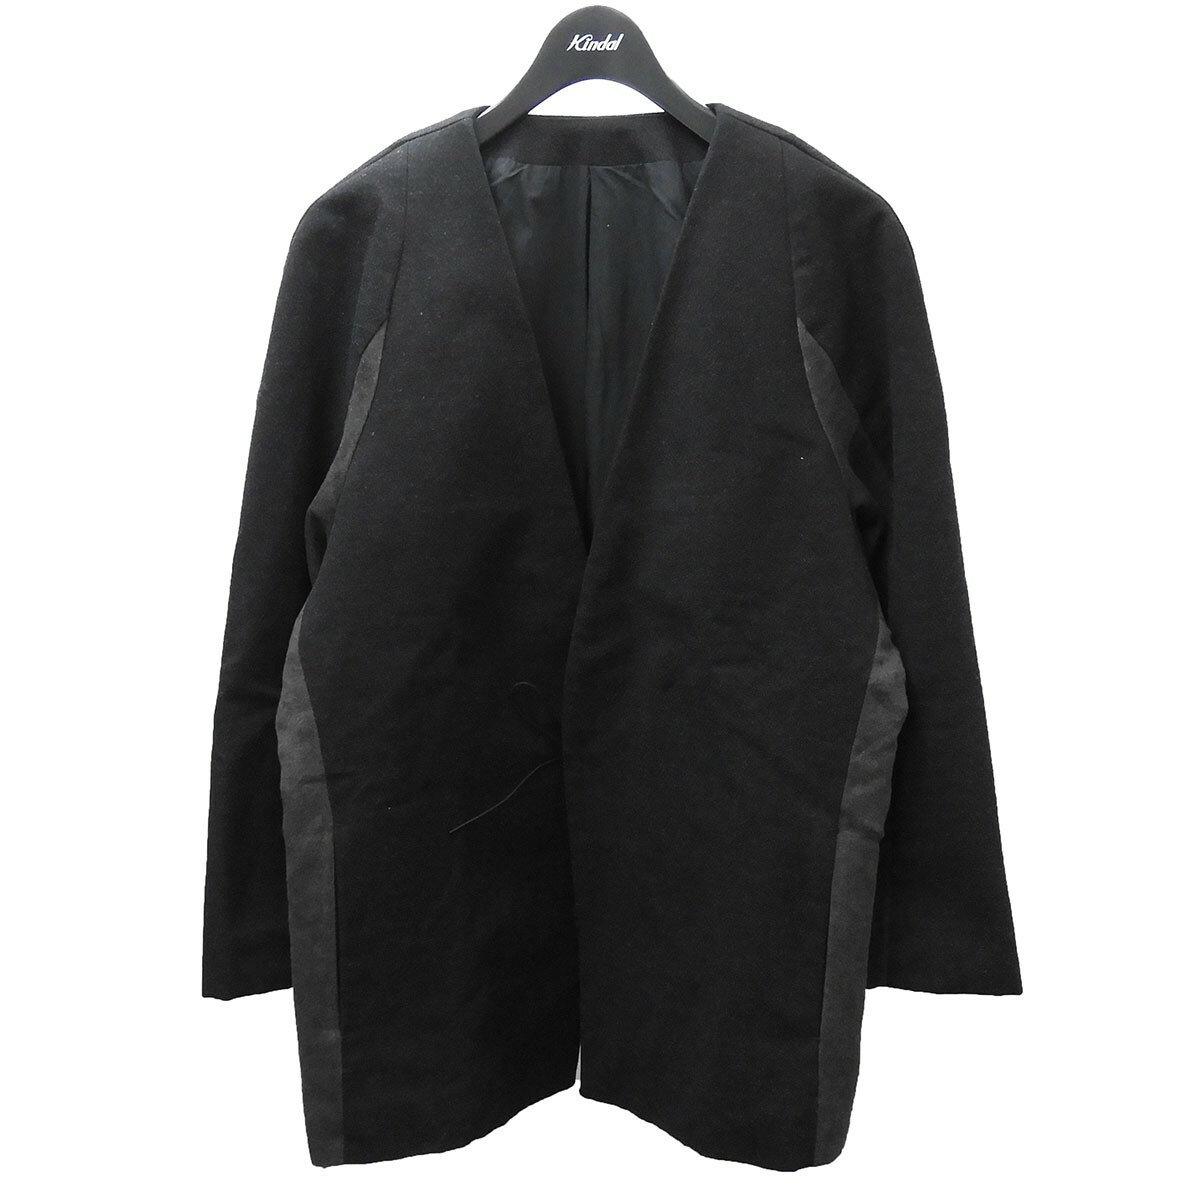 メンズファッション, コート・ジャケット individual sentiments 5 270921